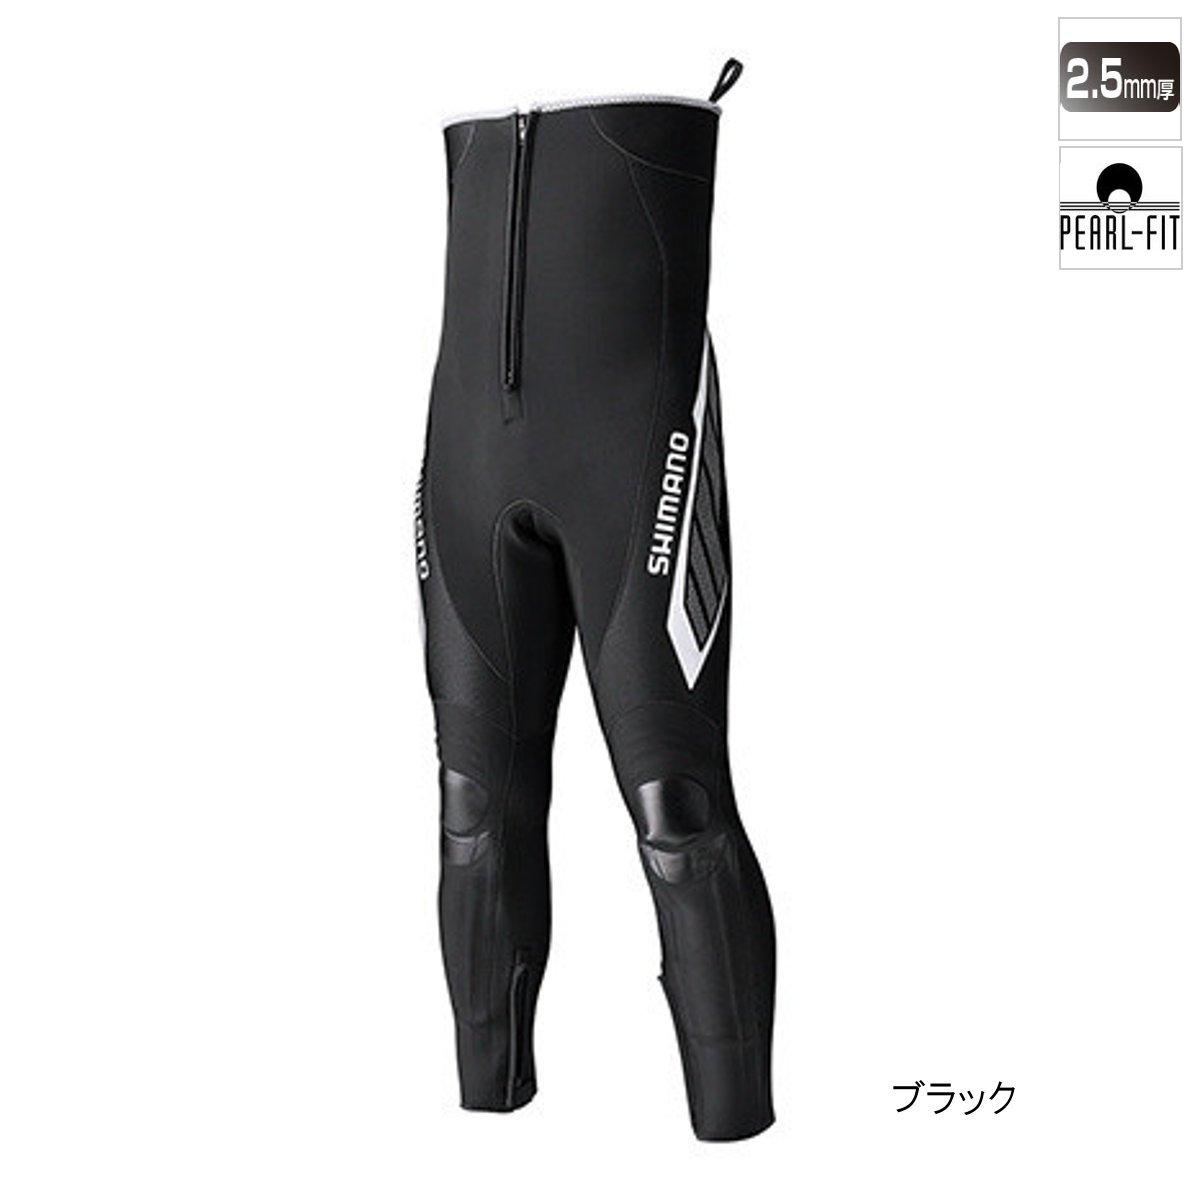 シマノ ブラックパールフィット・鮎タイツ(ハイブリッドタイプ) TI-061R MB ブラック